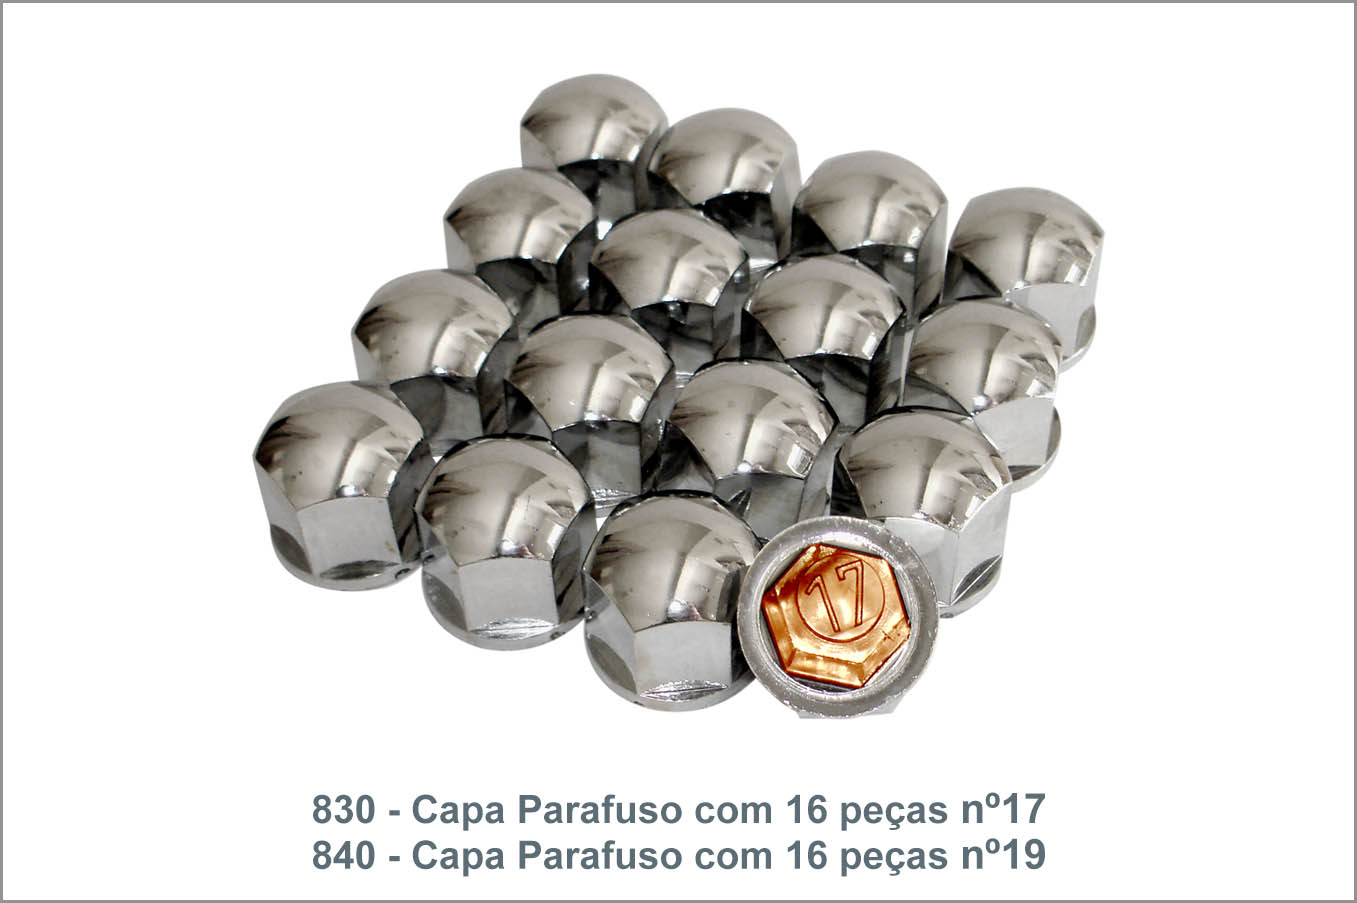 830 840 - Capa Parafuso com 16 pçs nº17 e nº19